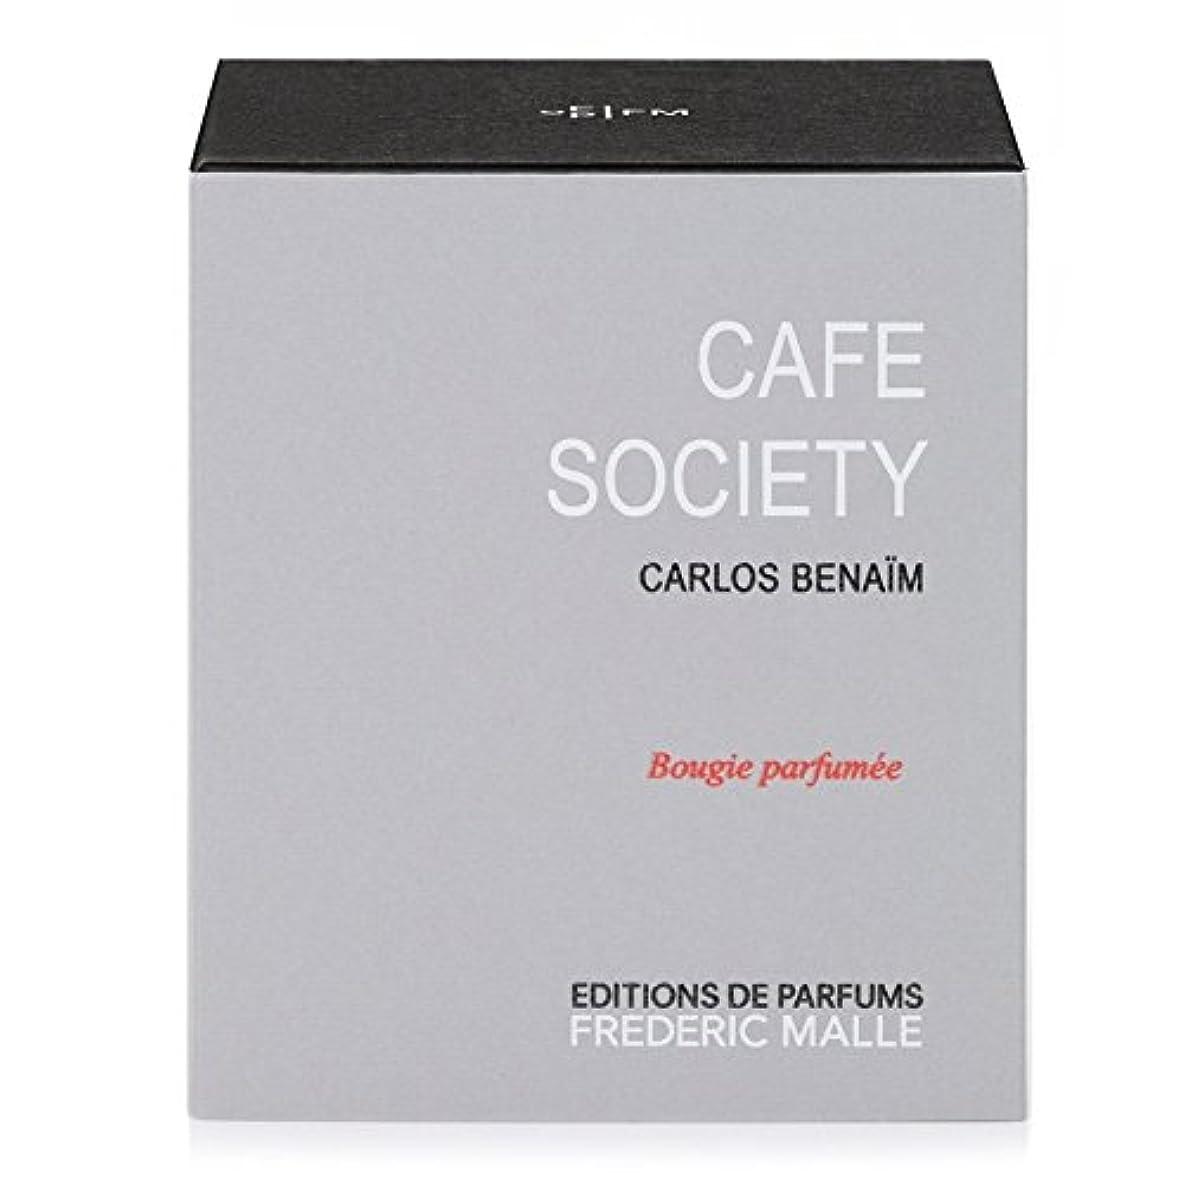 補足蓮登録するFrederic Malle Cafe Society Scented Candle 220g (Pack of 4) - フレデリック?マルカフェ社会の香りのキャンドル220グラム x4 [並行輸入品]